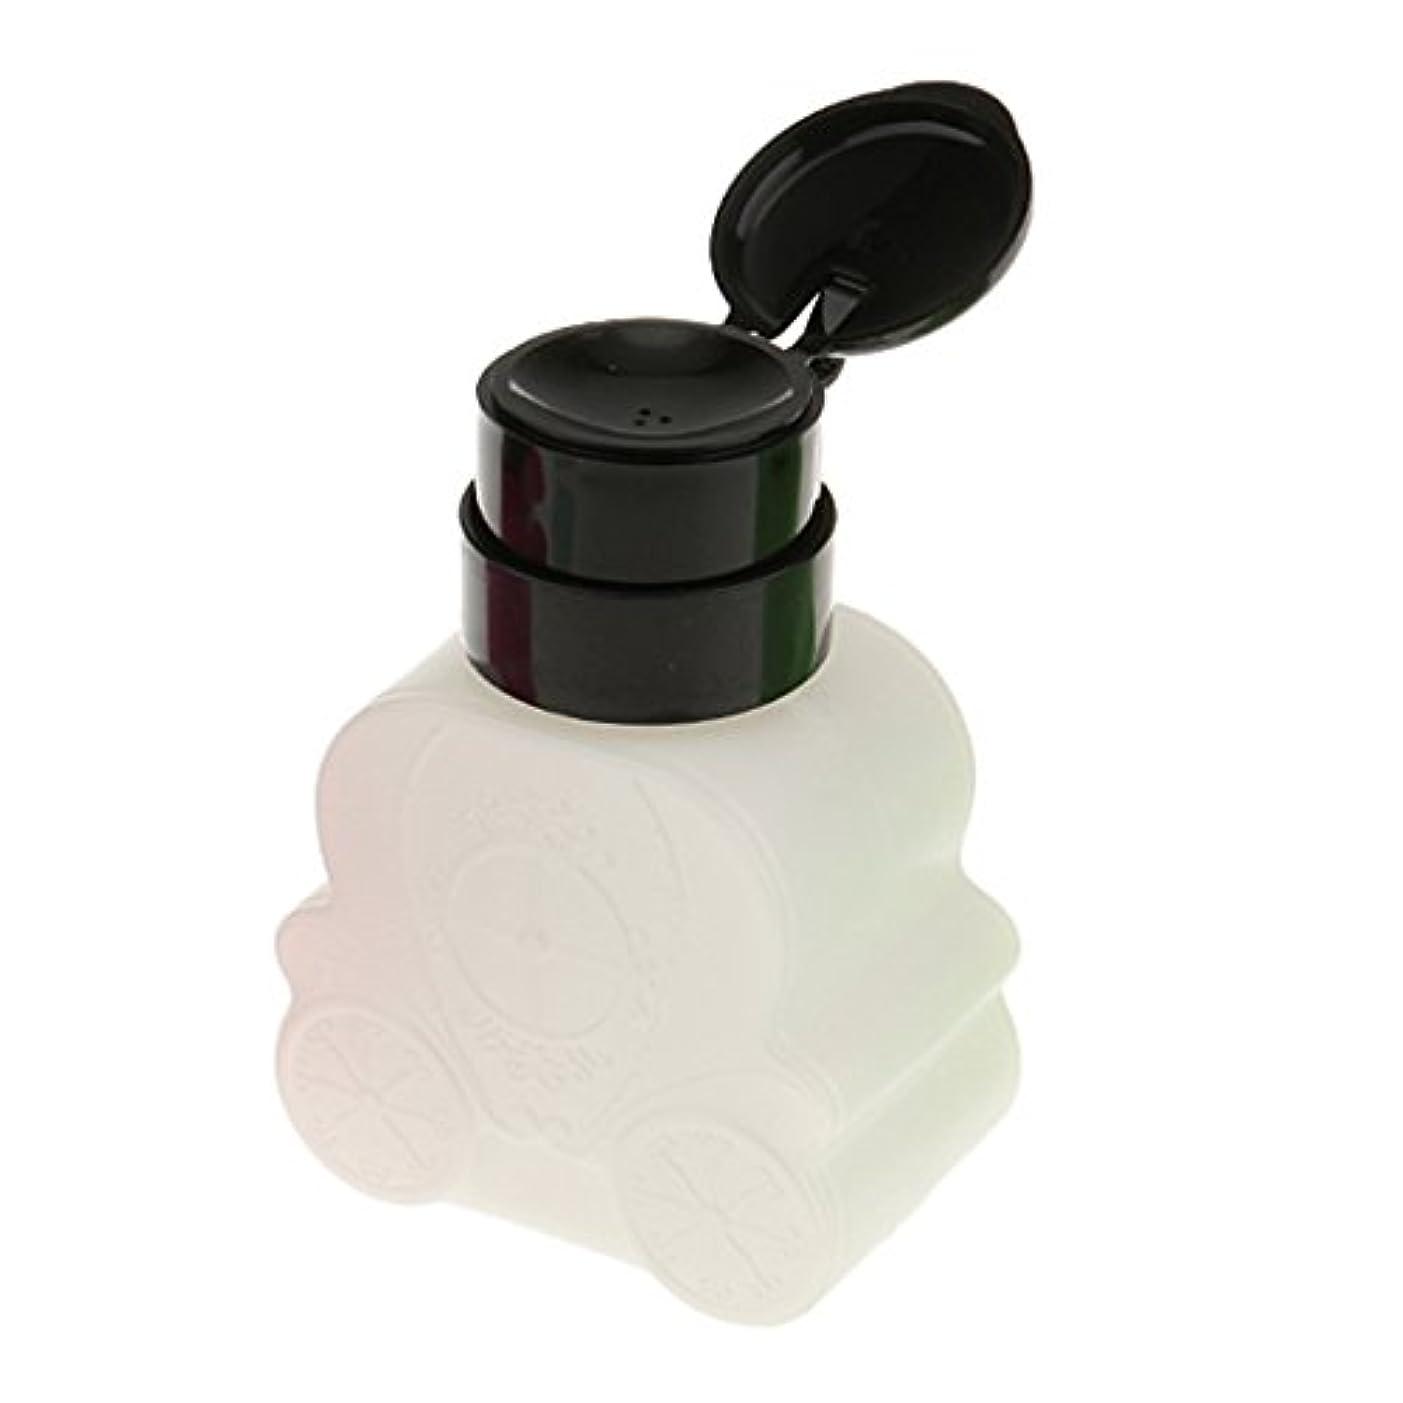 形状年金エール空き瓶 空のプラスチックボトル 化粧品 空ボトル